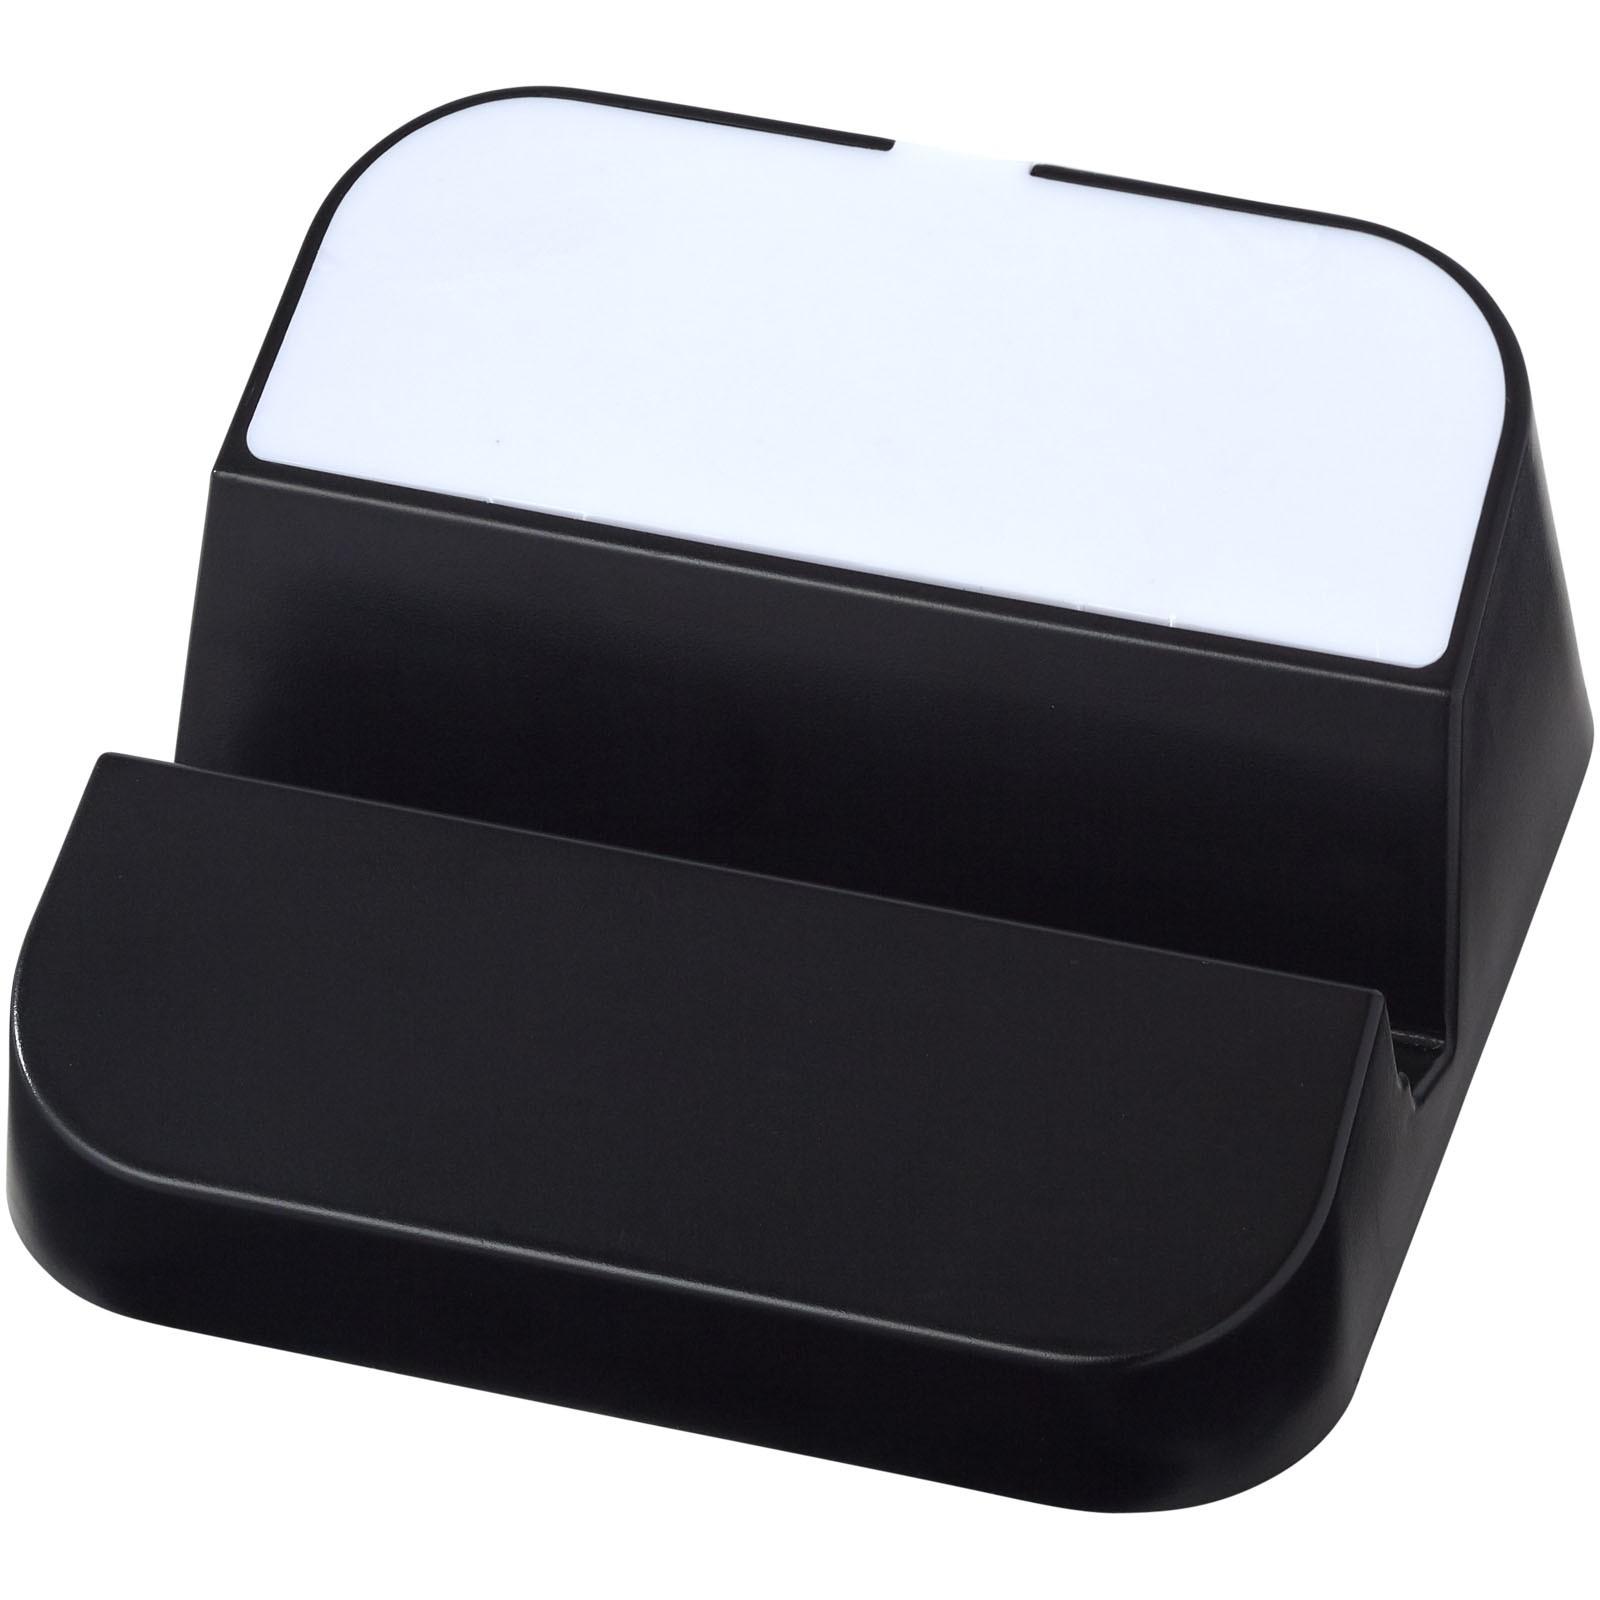 Rozbočovač Hopper 3-in-1a stojánek na telefon - Černá